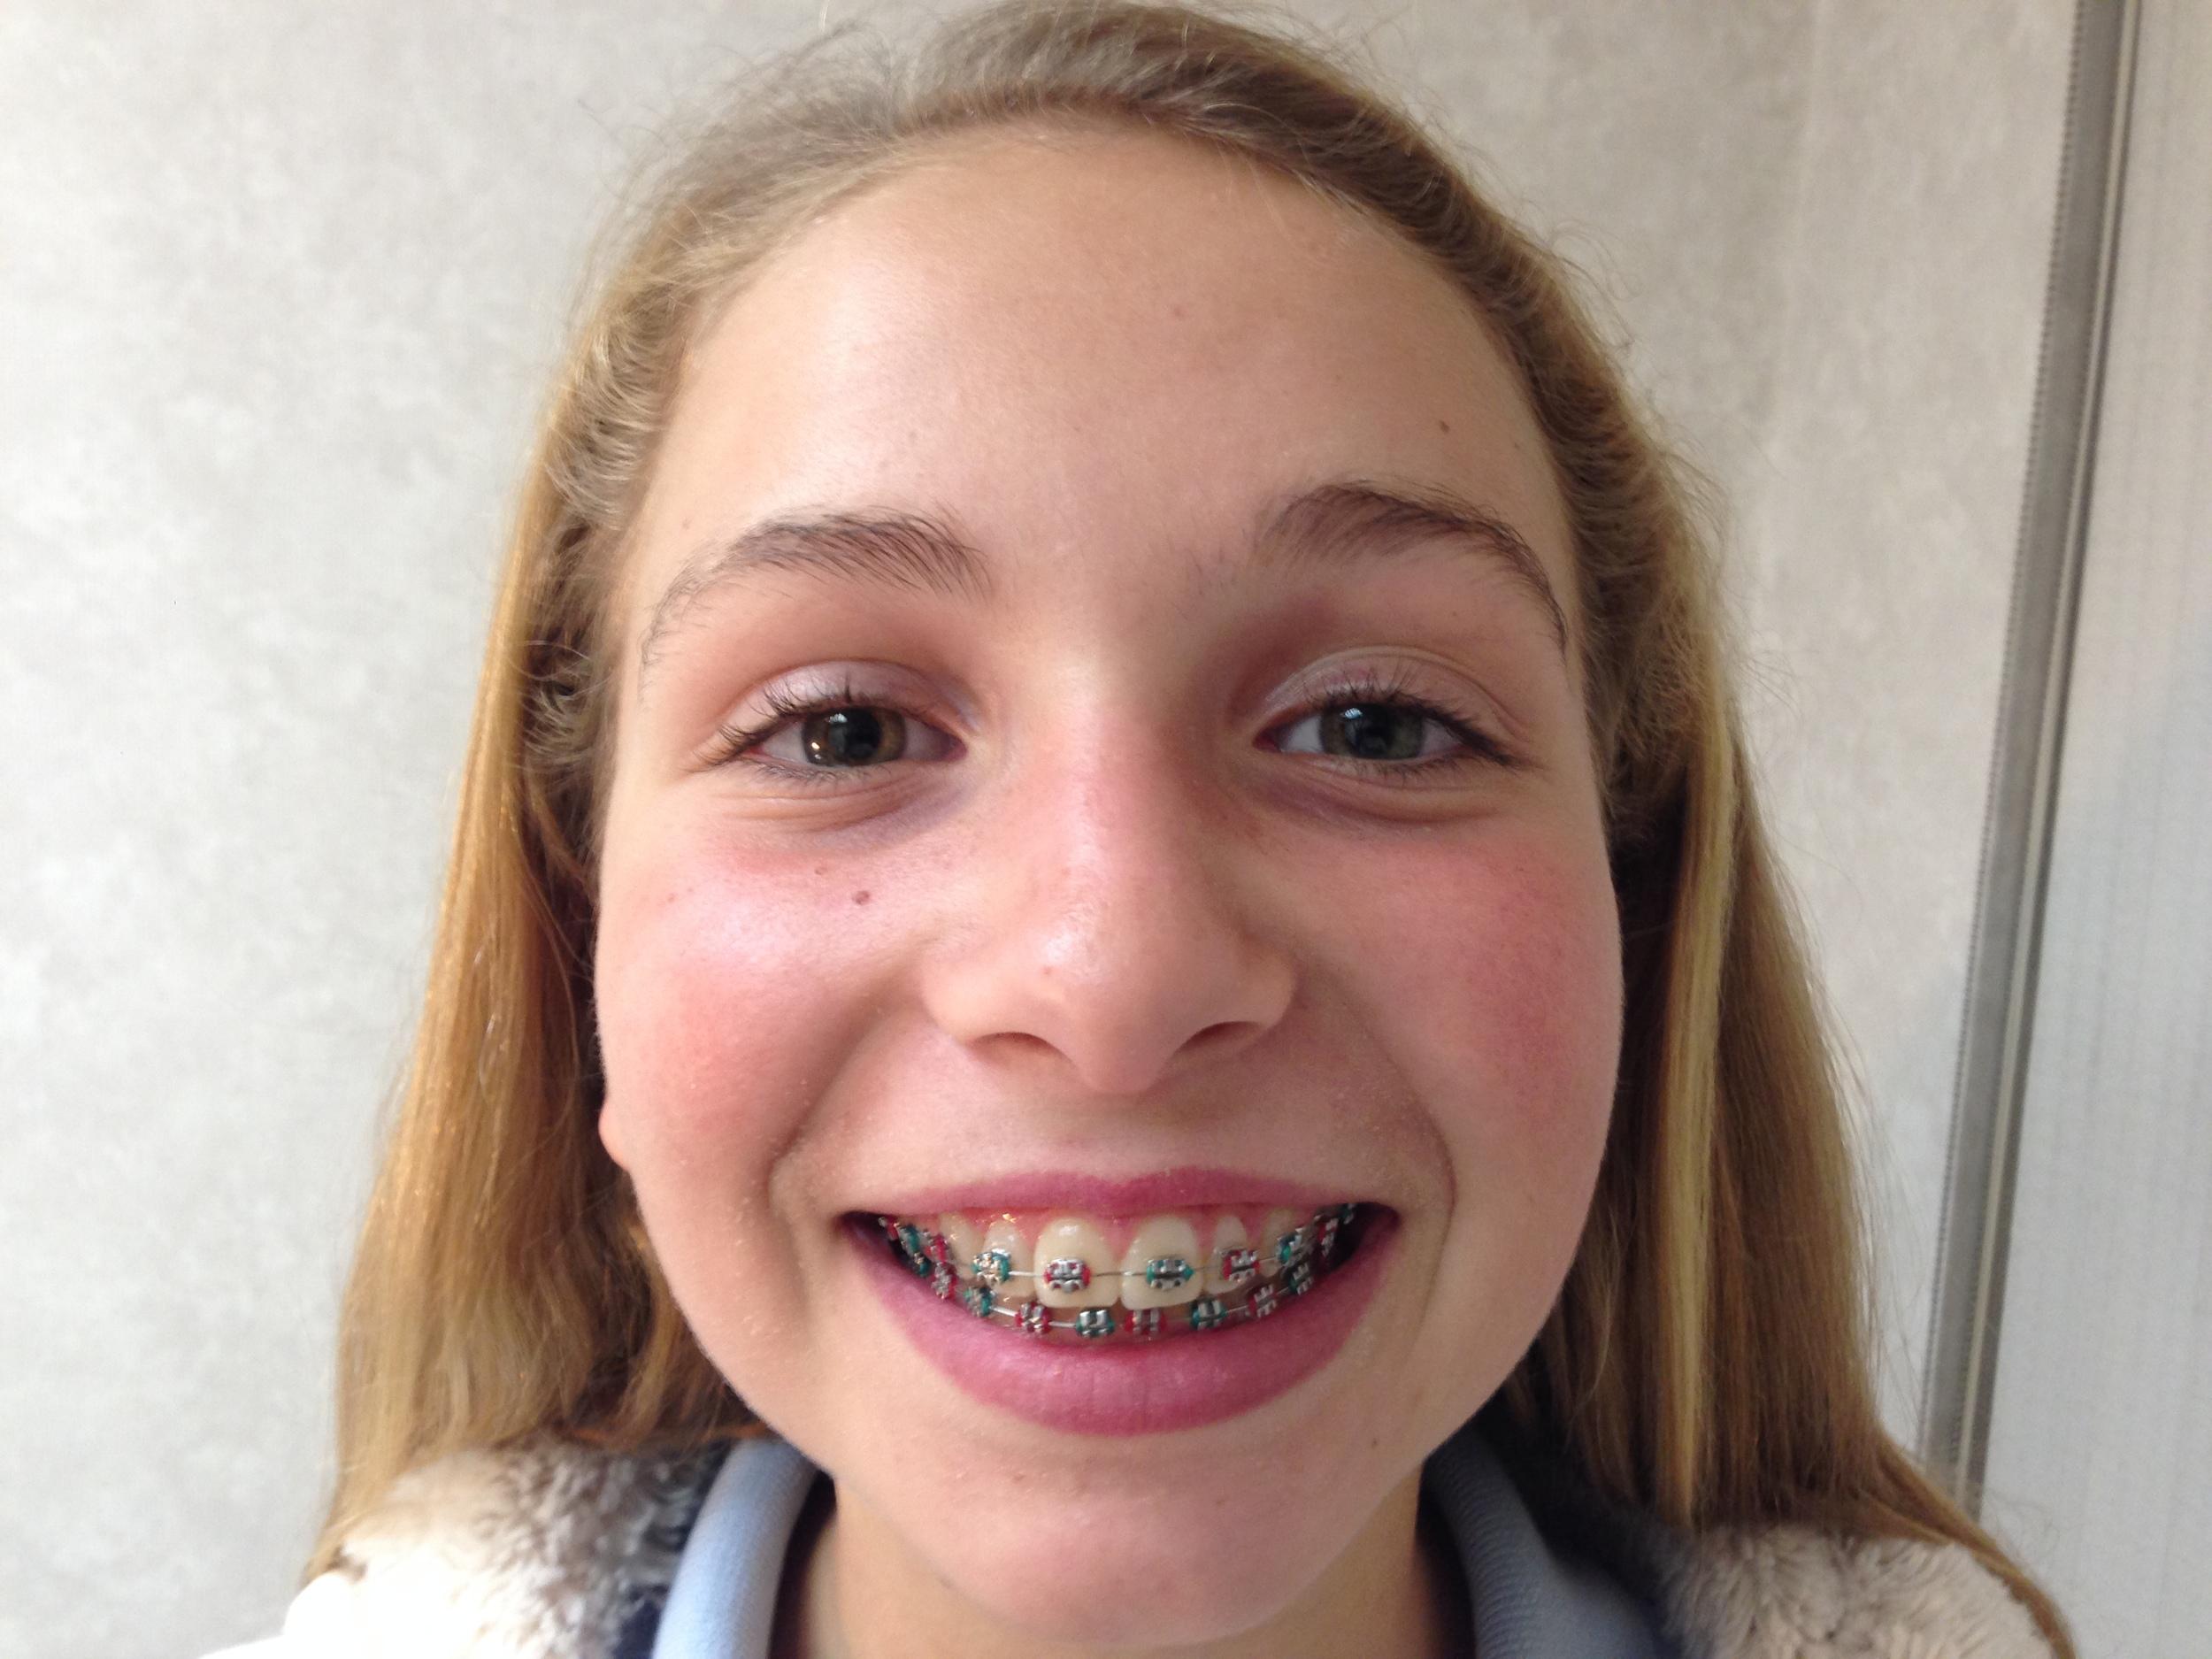 xmas colored braces.JPG